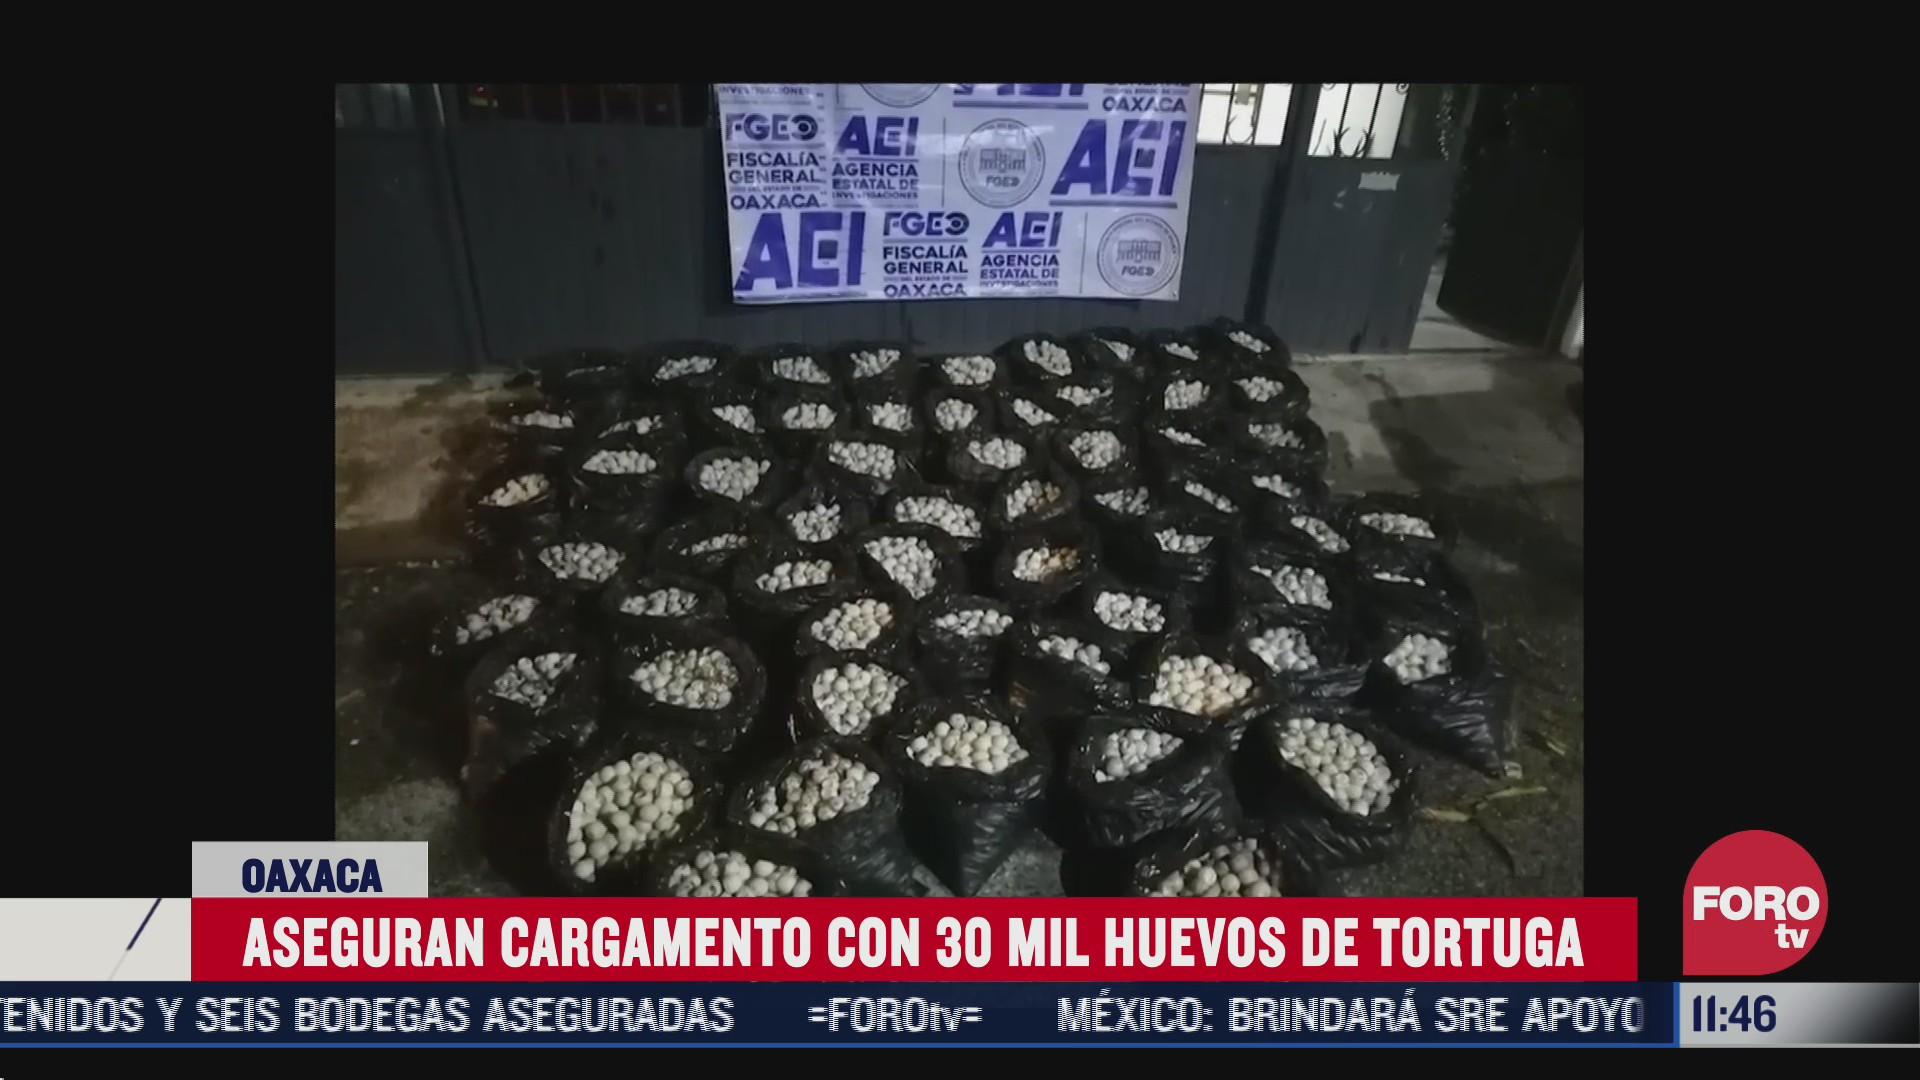 autoridades federales aseguran cargamento con huevos de tortuga en oaxaca